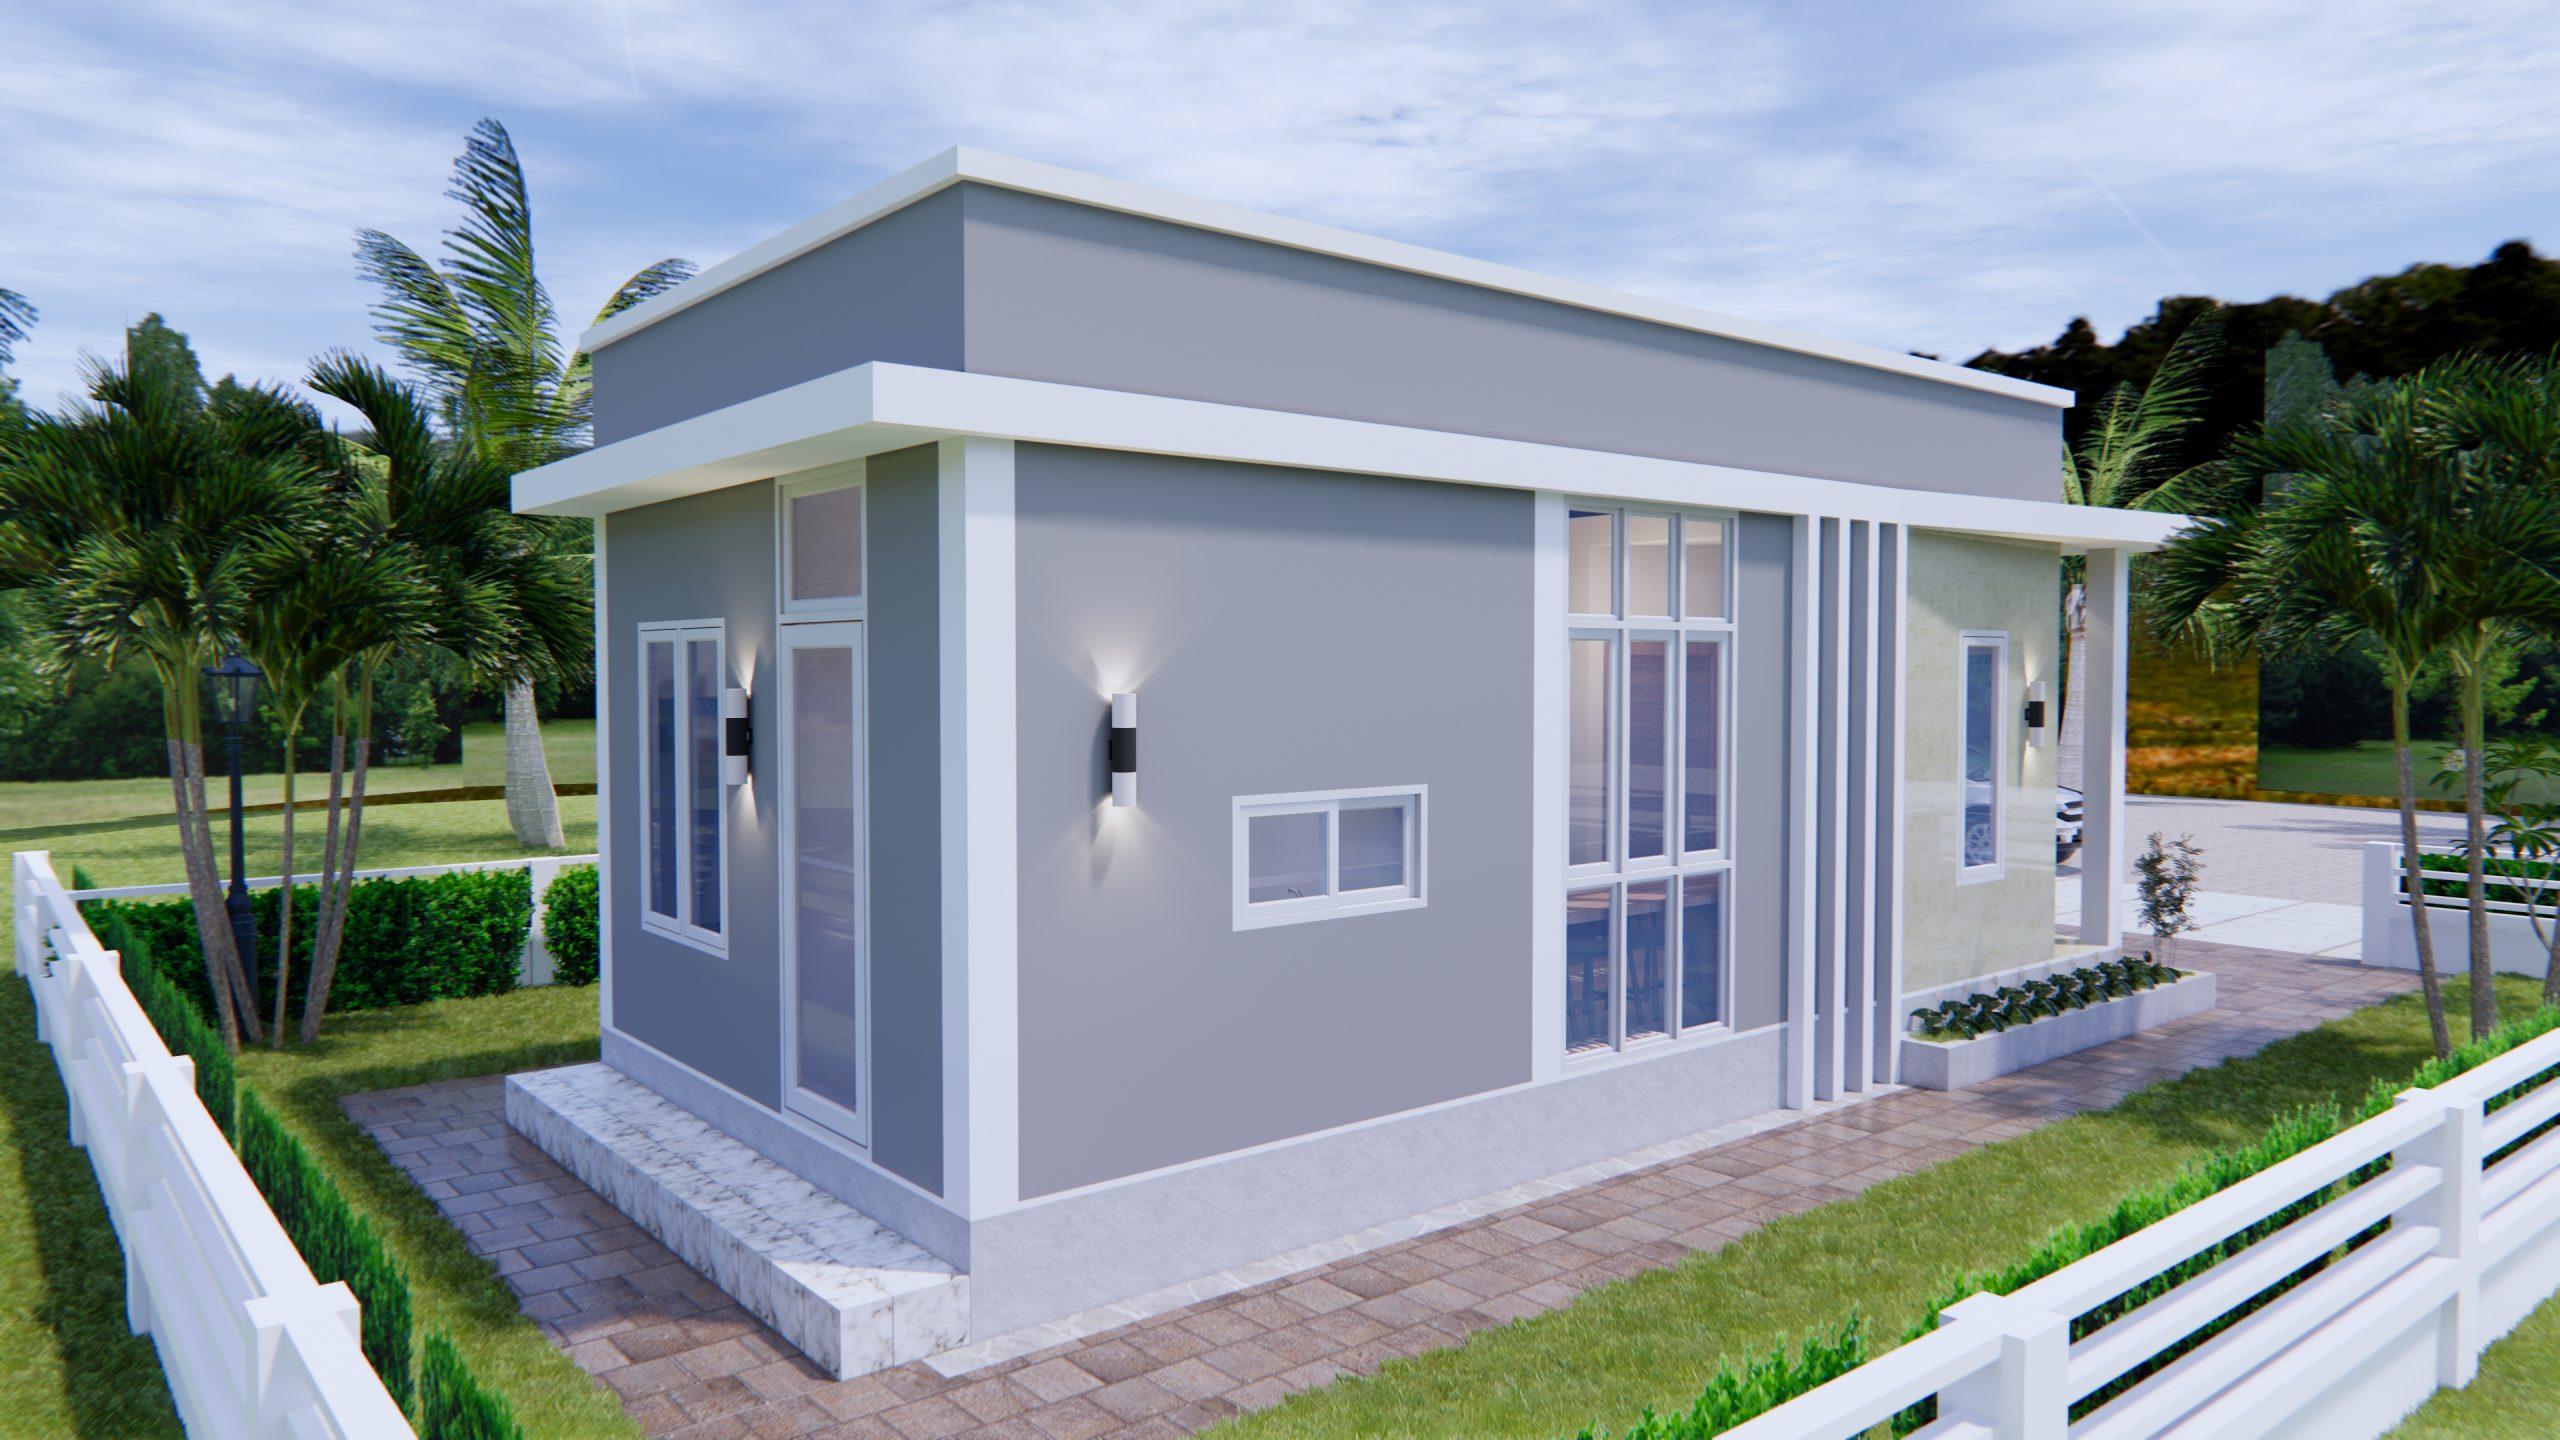 Modern Small House Design 44x9 Meter 13x30 Feet 3